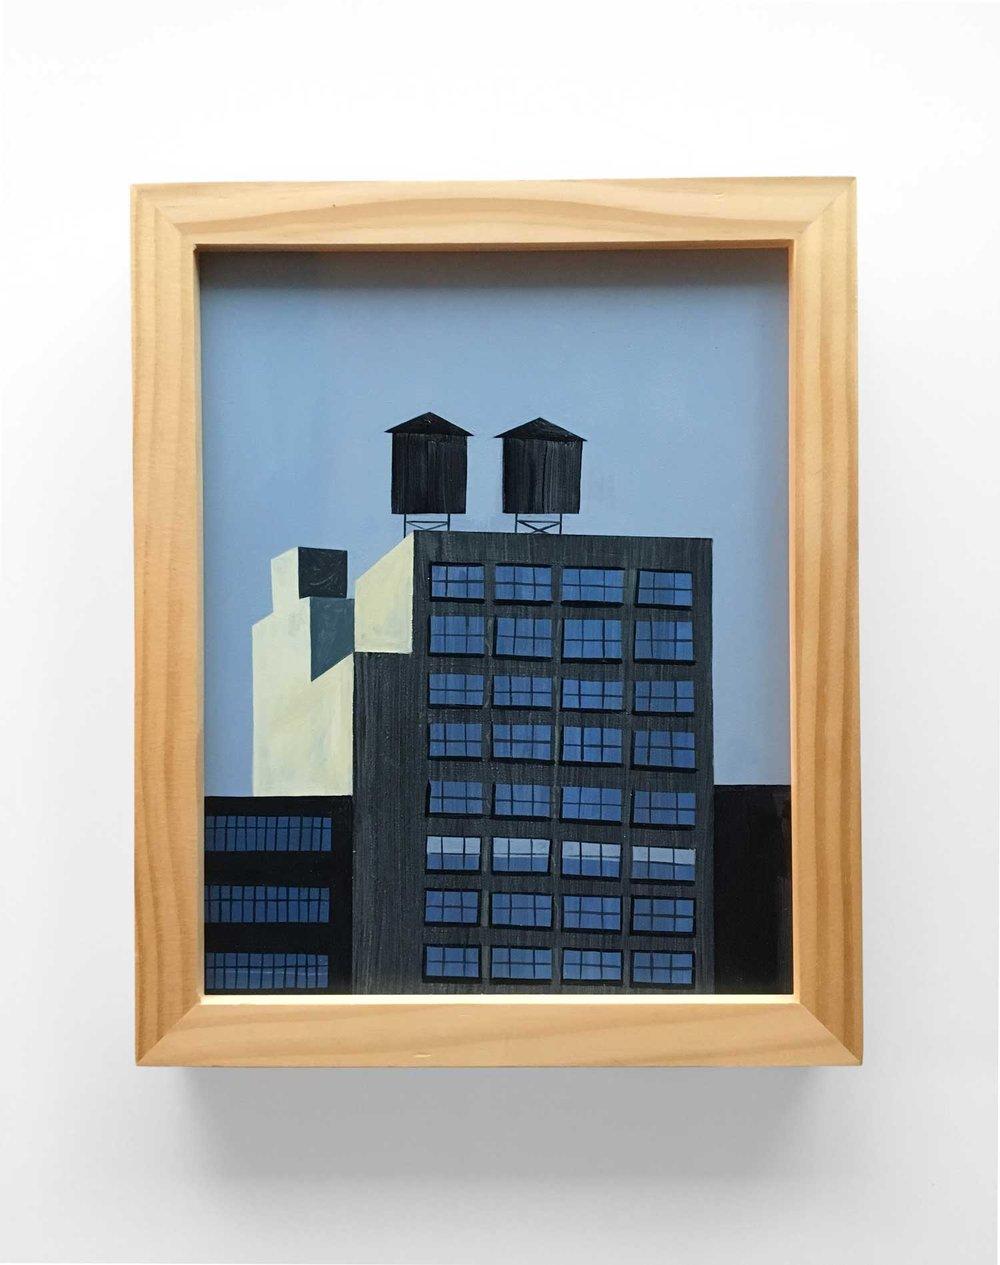 kalda_two_water_towers_framed.jpg